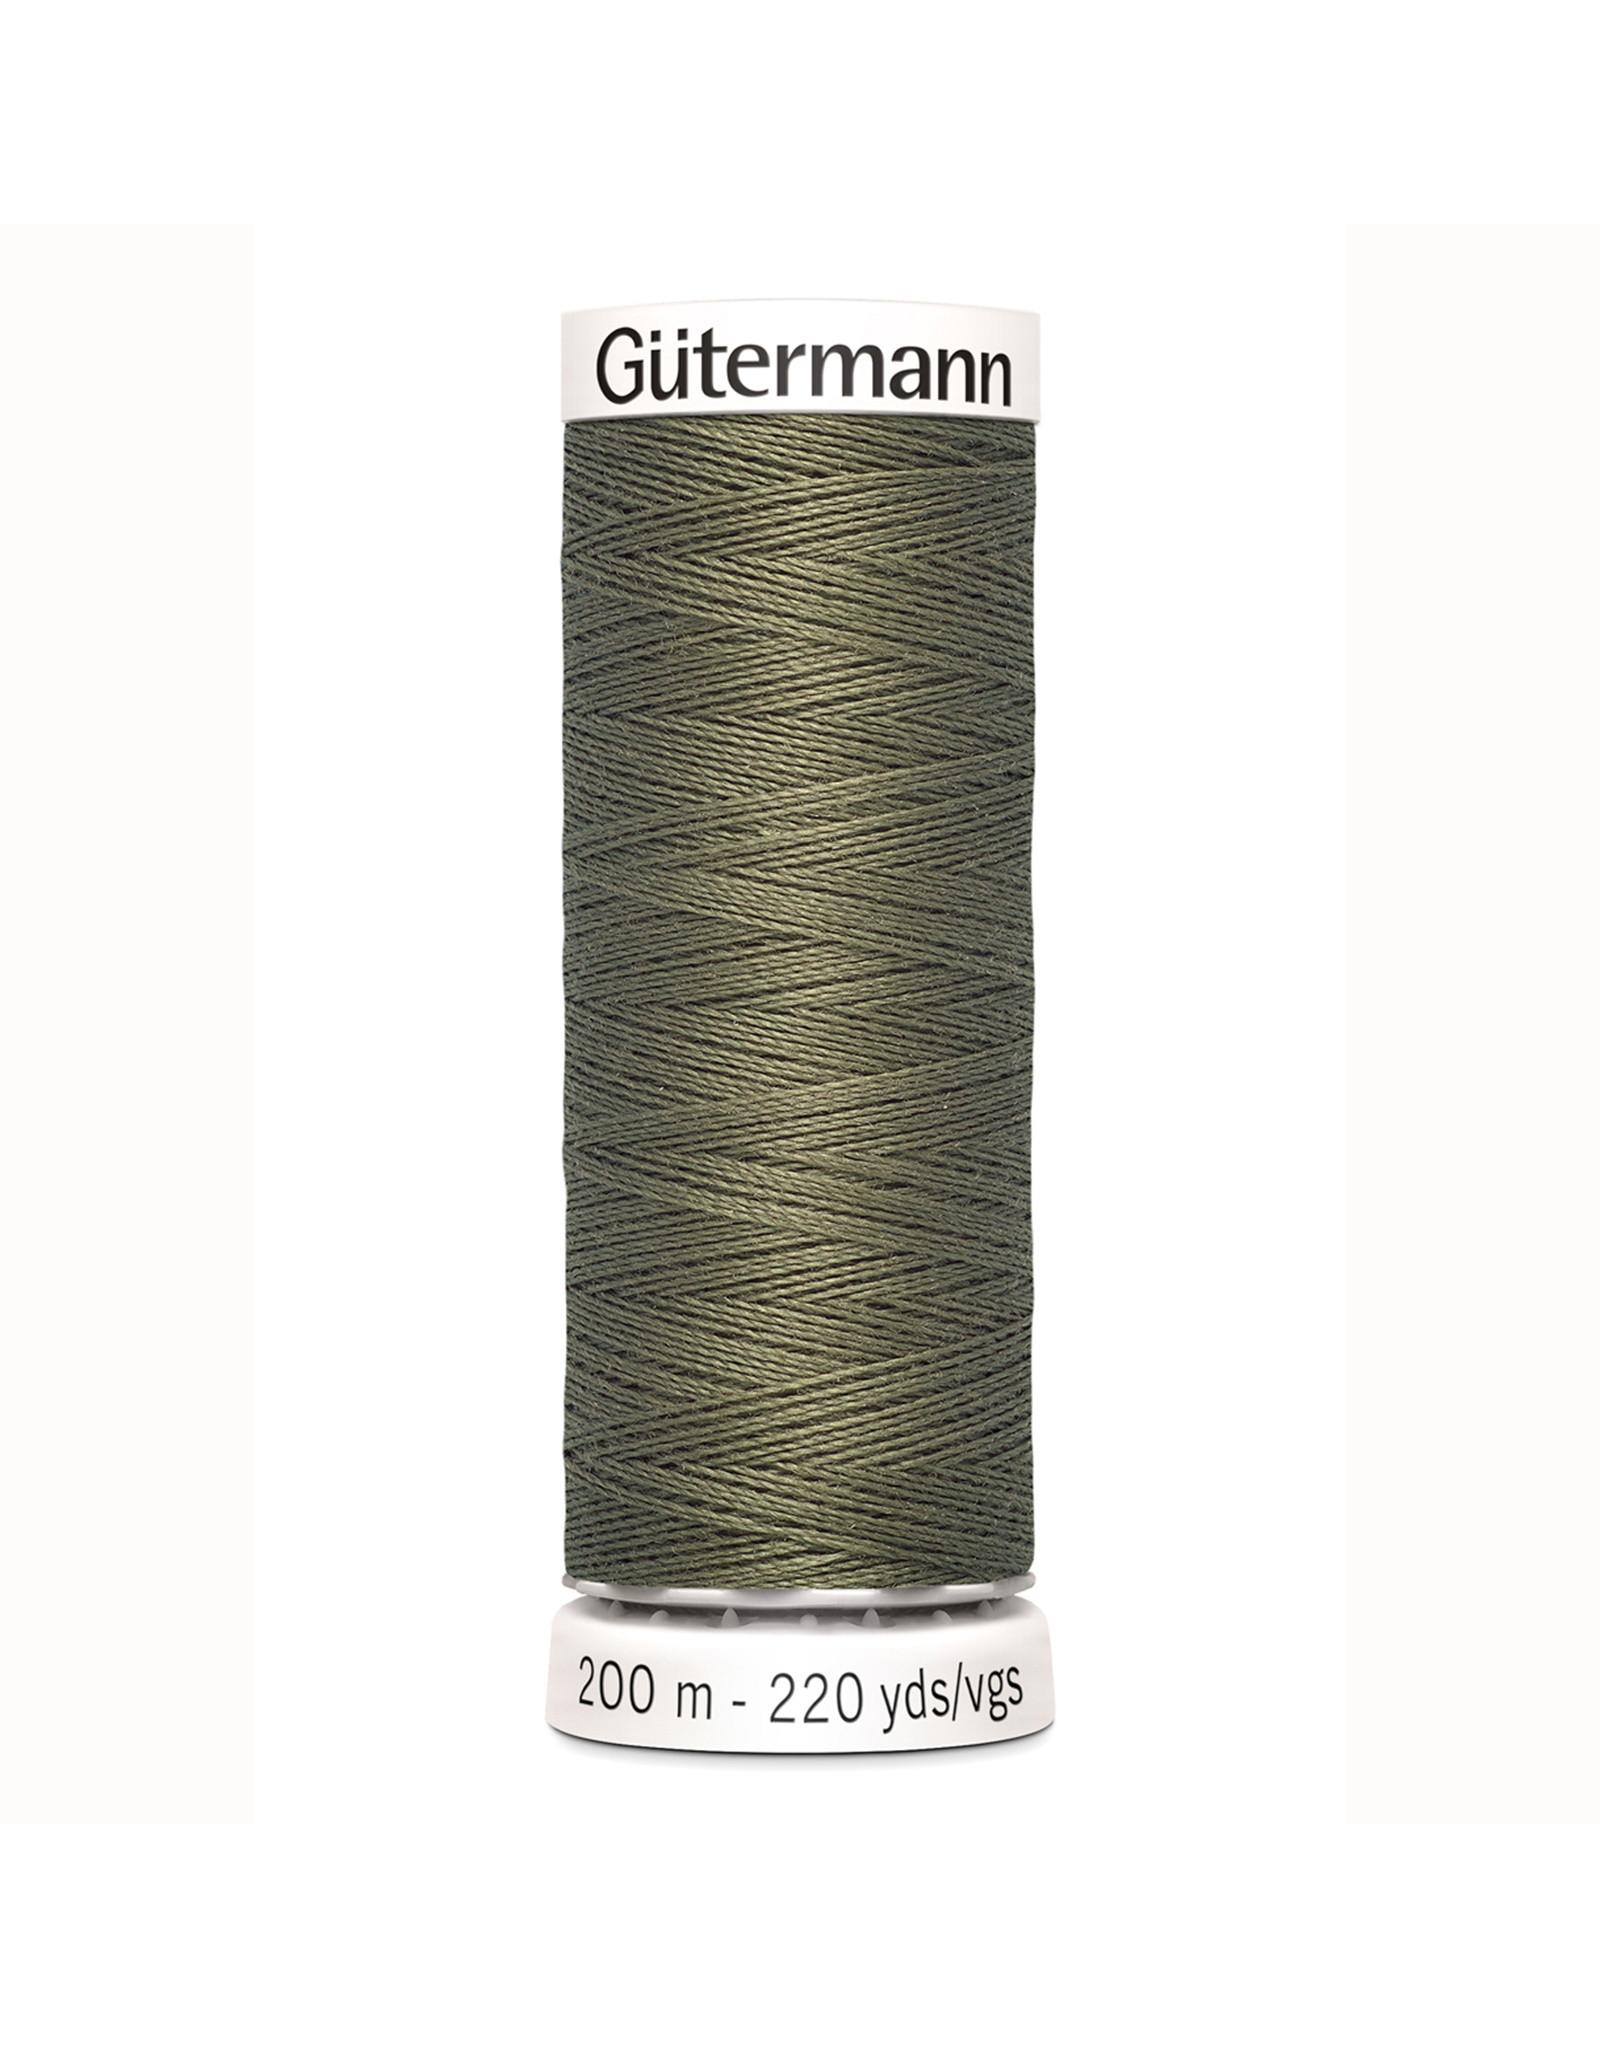 Gütermann Gütermann Nähgarn 200 m - nr 825